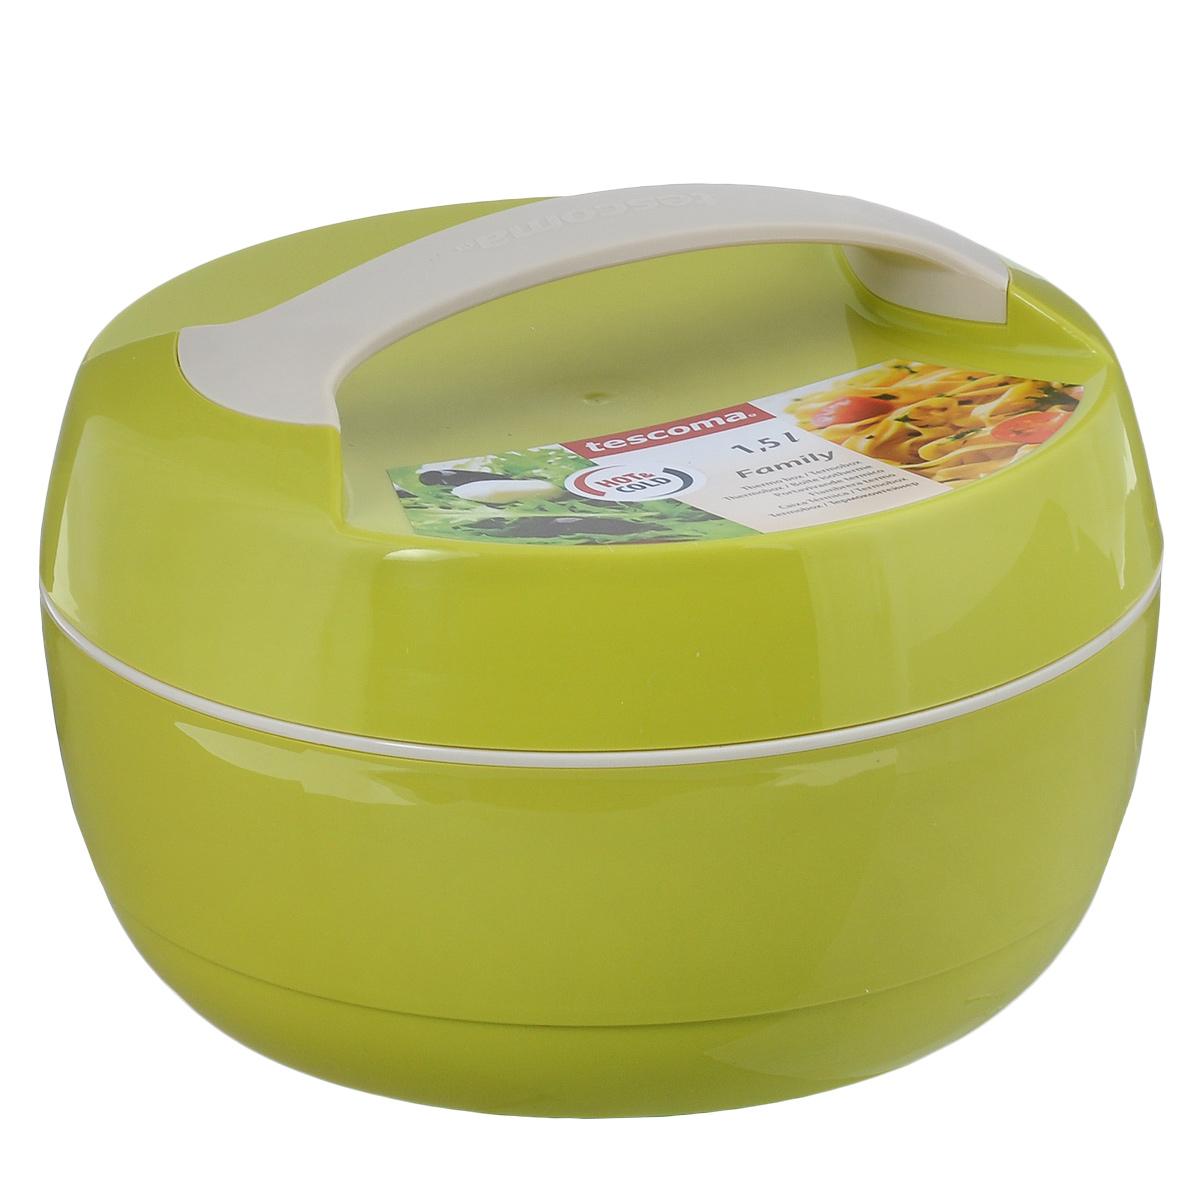 Термоконтейнер Tescoma Family, цвет: салатовый, 1,5 л310540_салатовыйТермоконтейнер Tescoma Family изготовлен из высококачественного пищевого пластика. Прекрасно подходит для длительного хранения и переноски теплой и холодной пищи. Двойные стенки контейнера с высокоэффективным теплоизоляционным заполнением сохраняют пищу теплой или холодной в течение нескольких часов. При обычном использовании контейнер не бьющийся. Крышка плотно и удобно закручивается. Для комфортной переноски предусмотрена ручка. Контейнер нельзя мыть в посудомоечной машине. Диаметр контейнера: 22 см. Высота контейнера: 12,5 см.